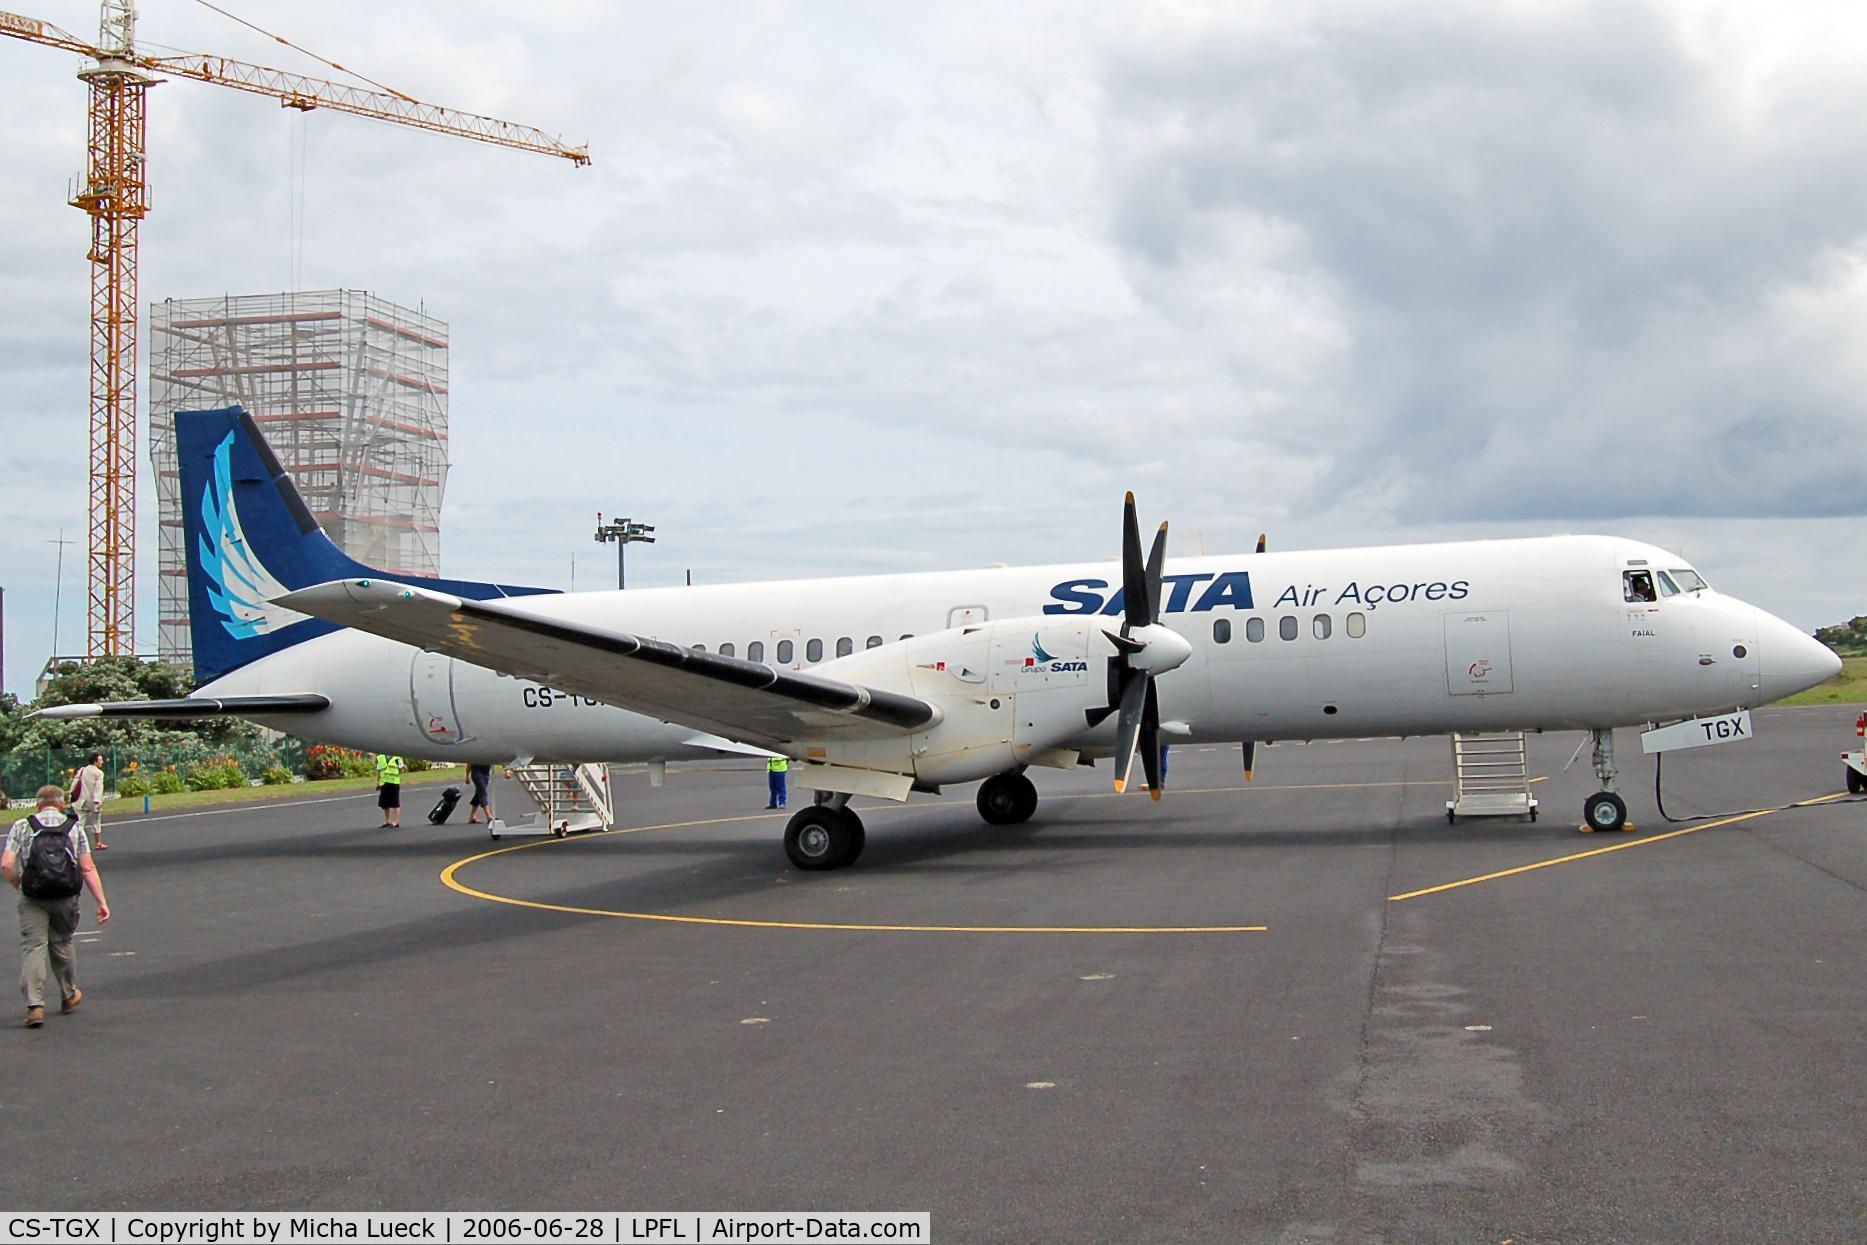 CS-TGX, 1990 British Aerospace ATP C/N 2025, At Flores